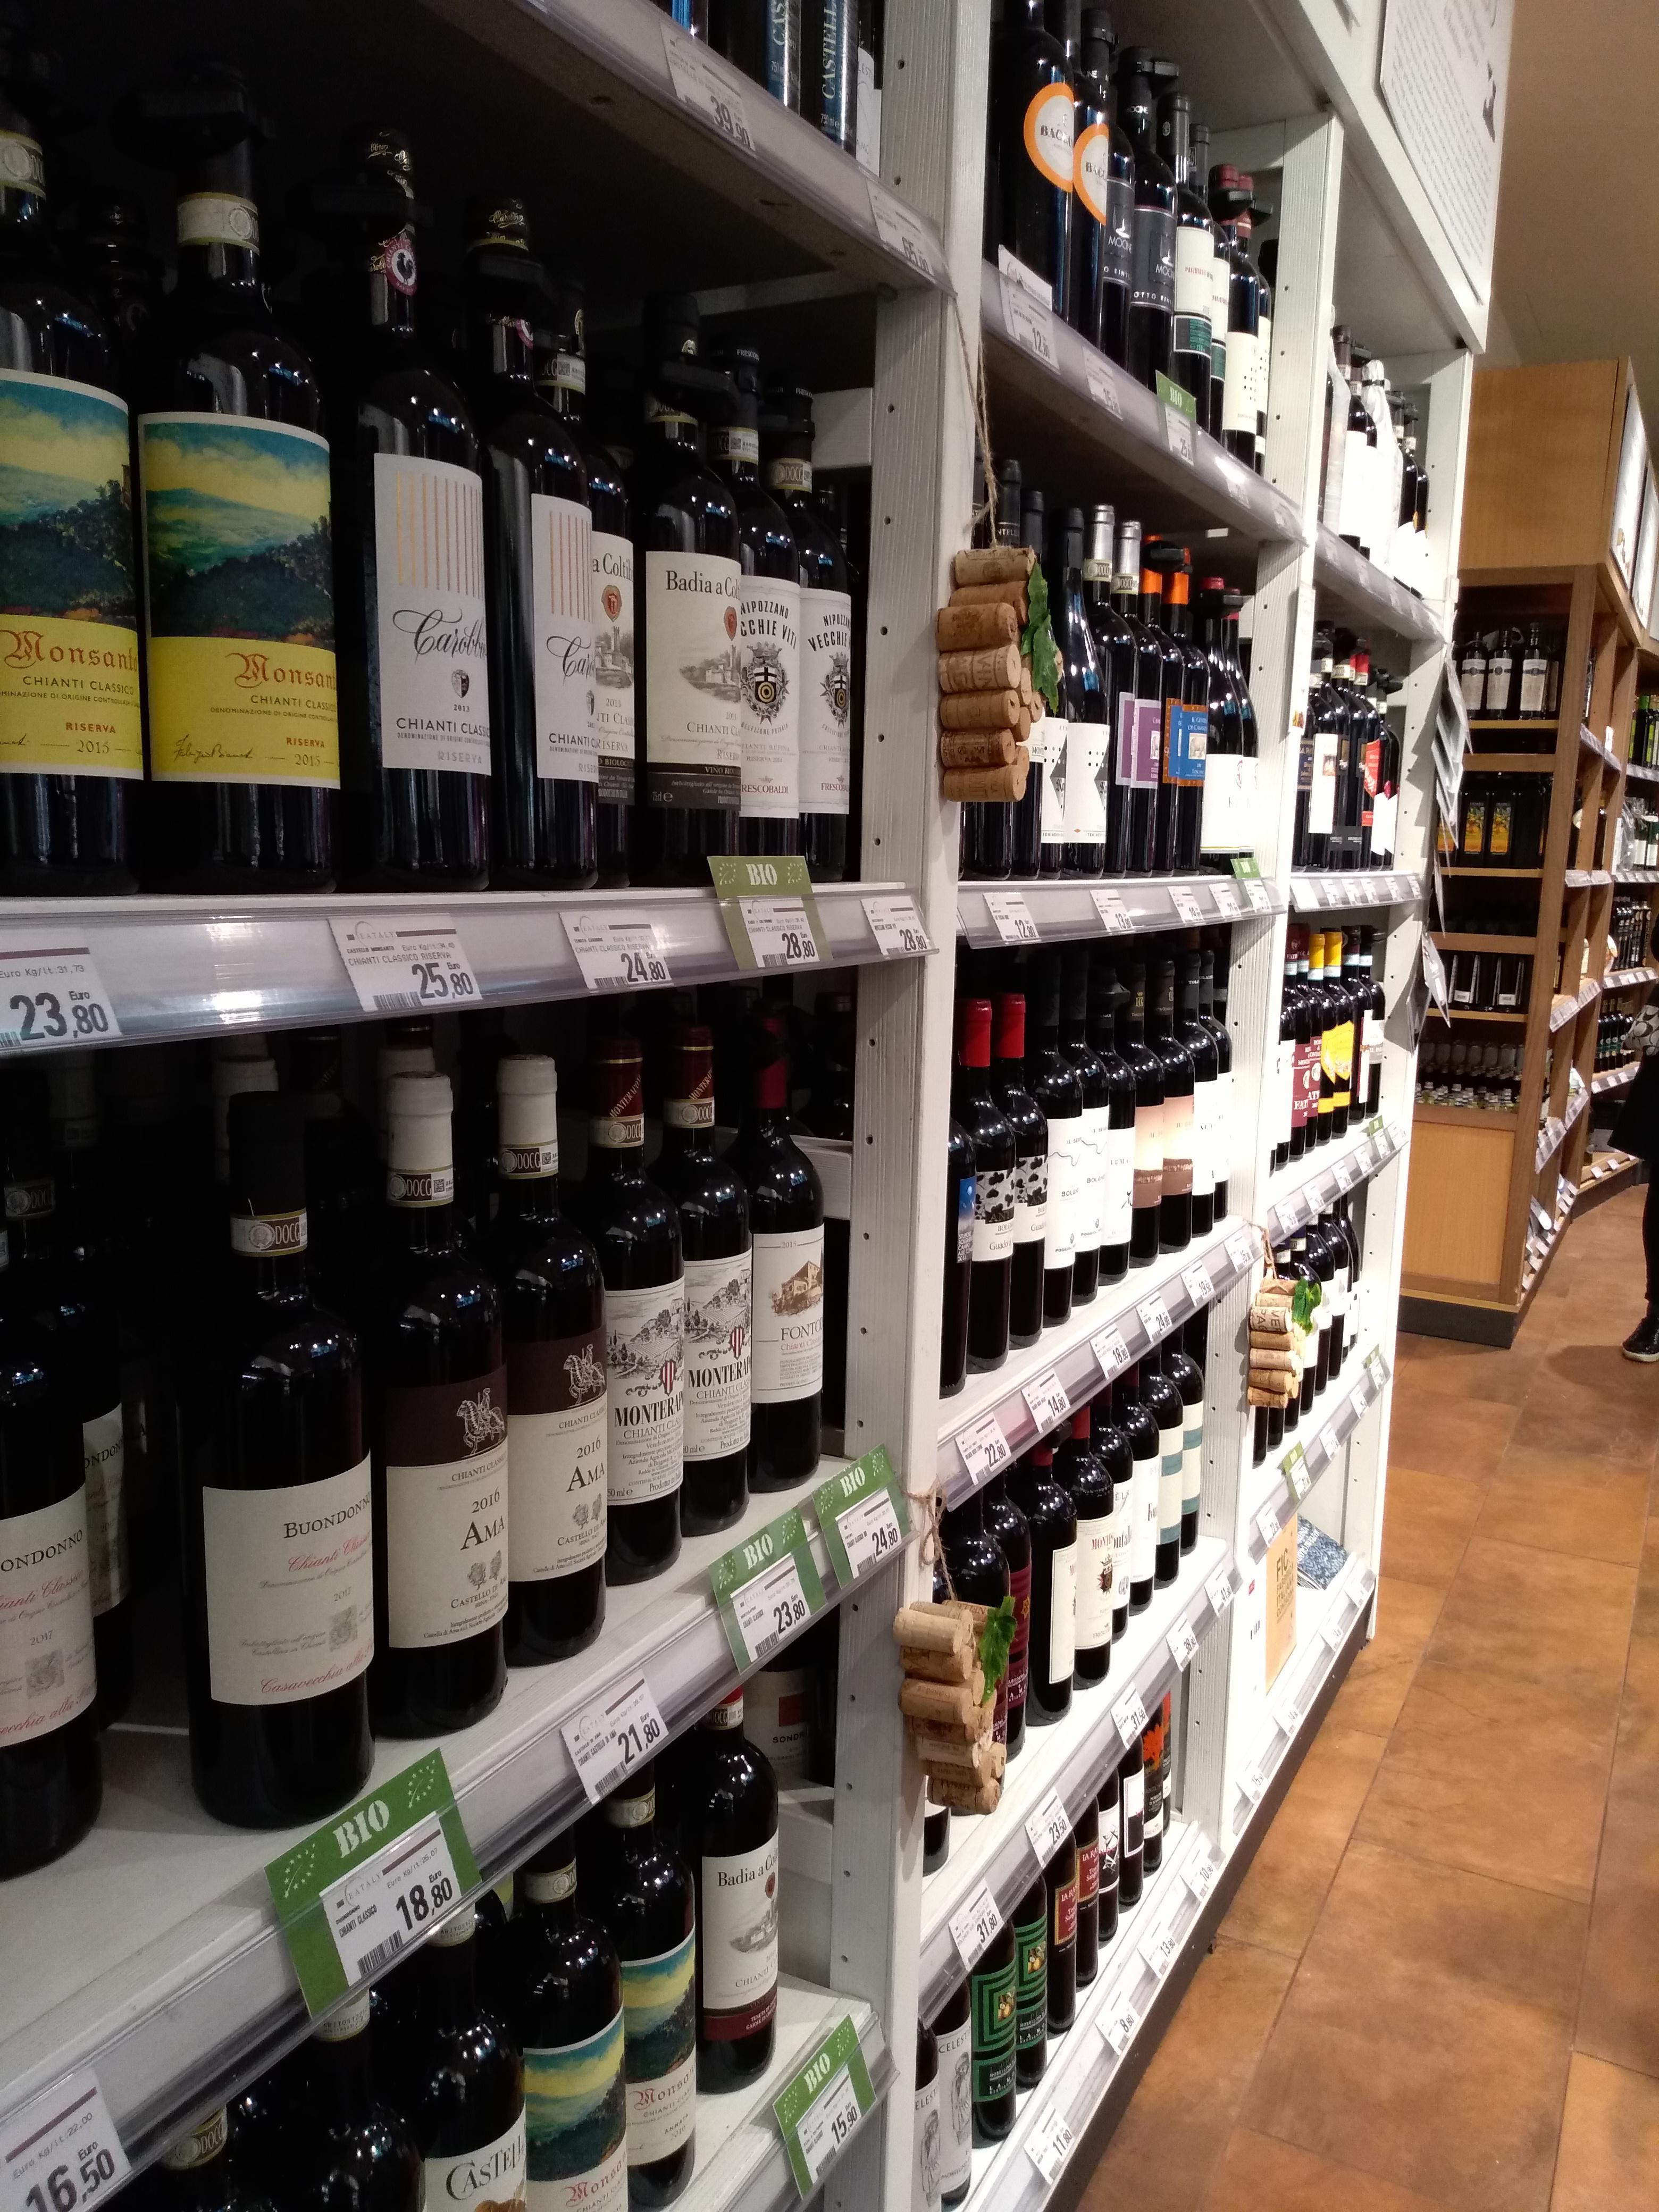 ワインコーナーのお土産:EATALY(イータリー)